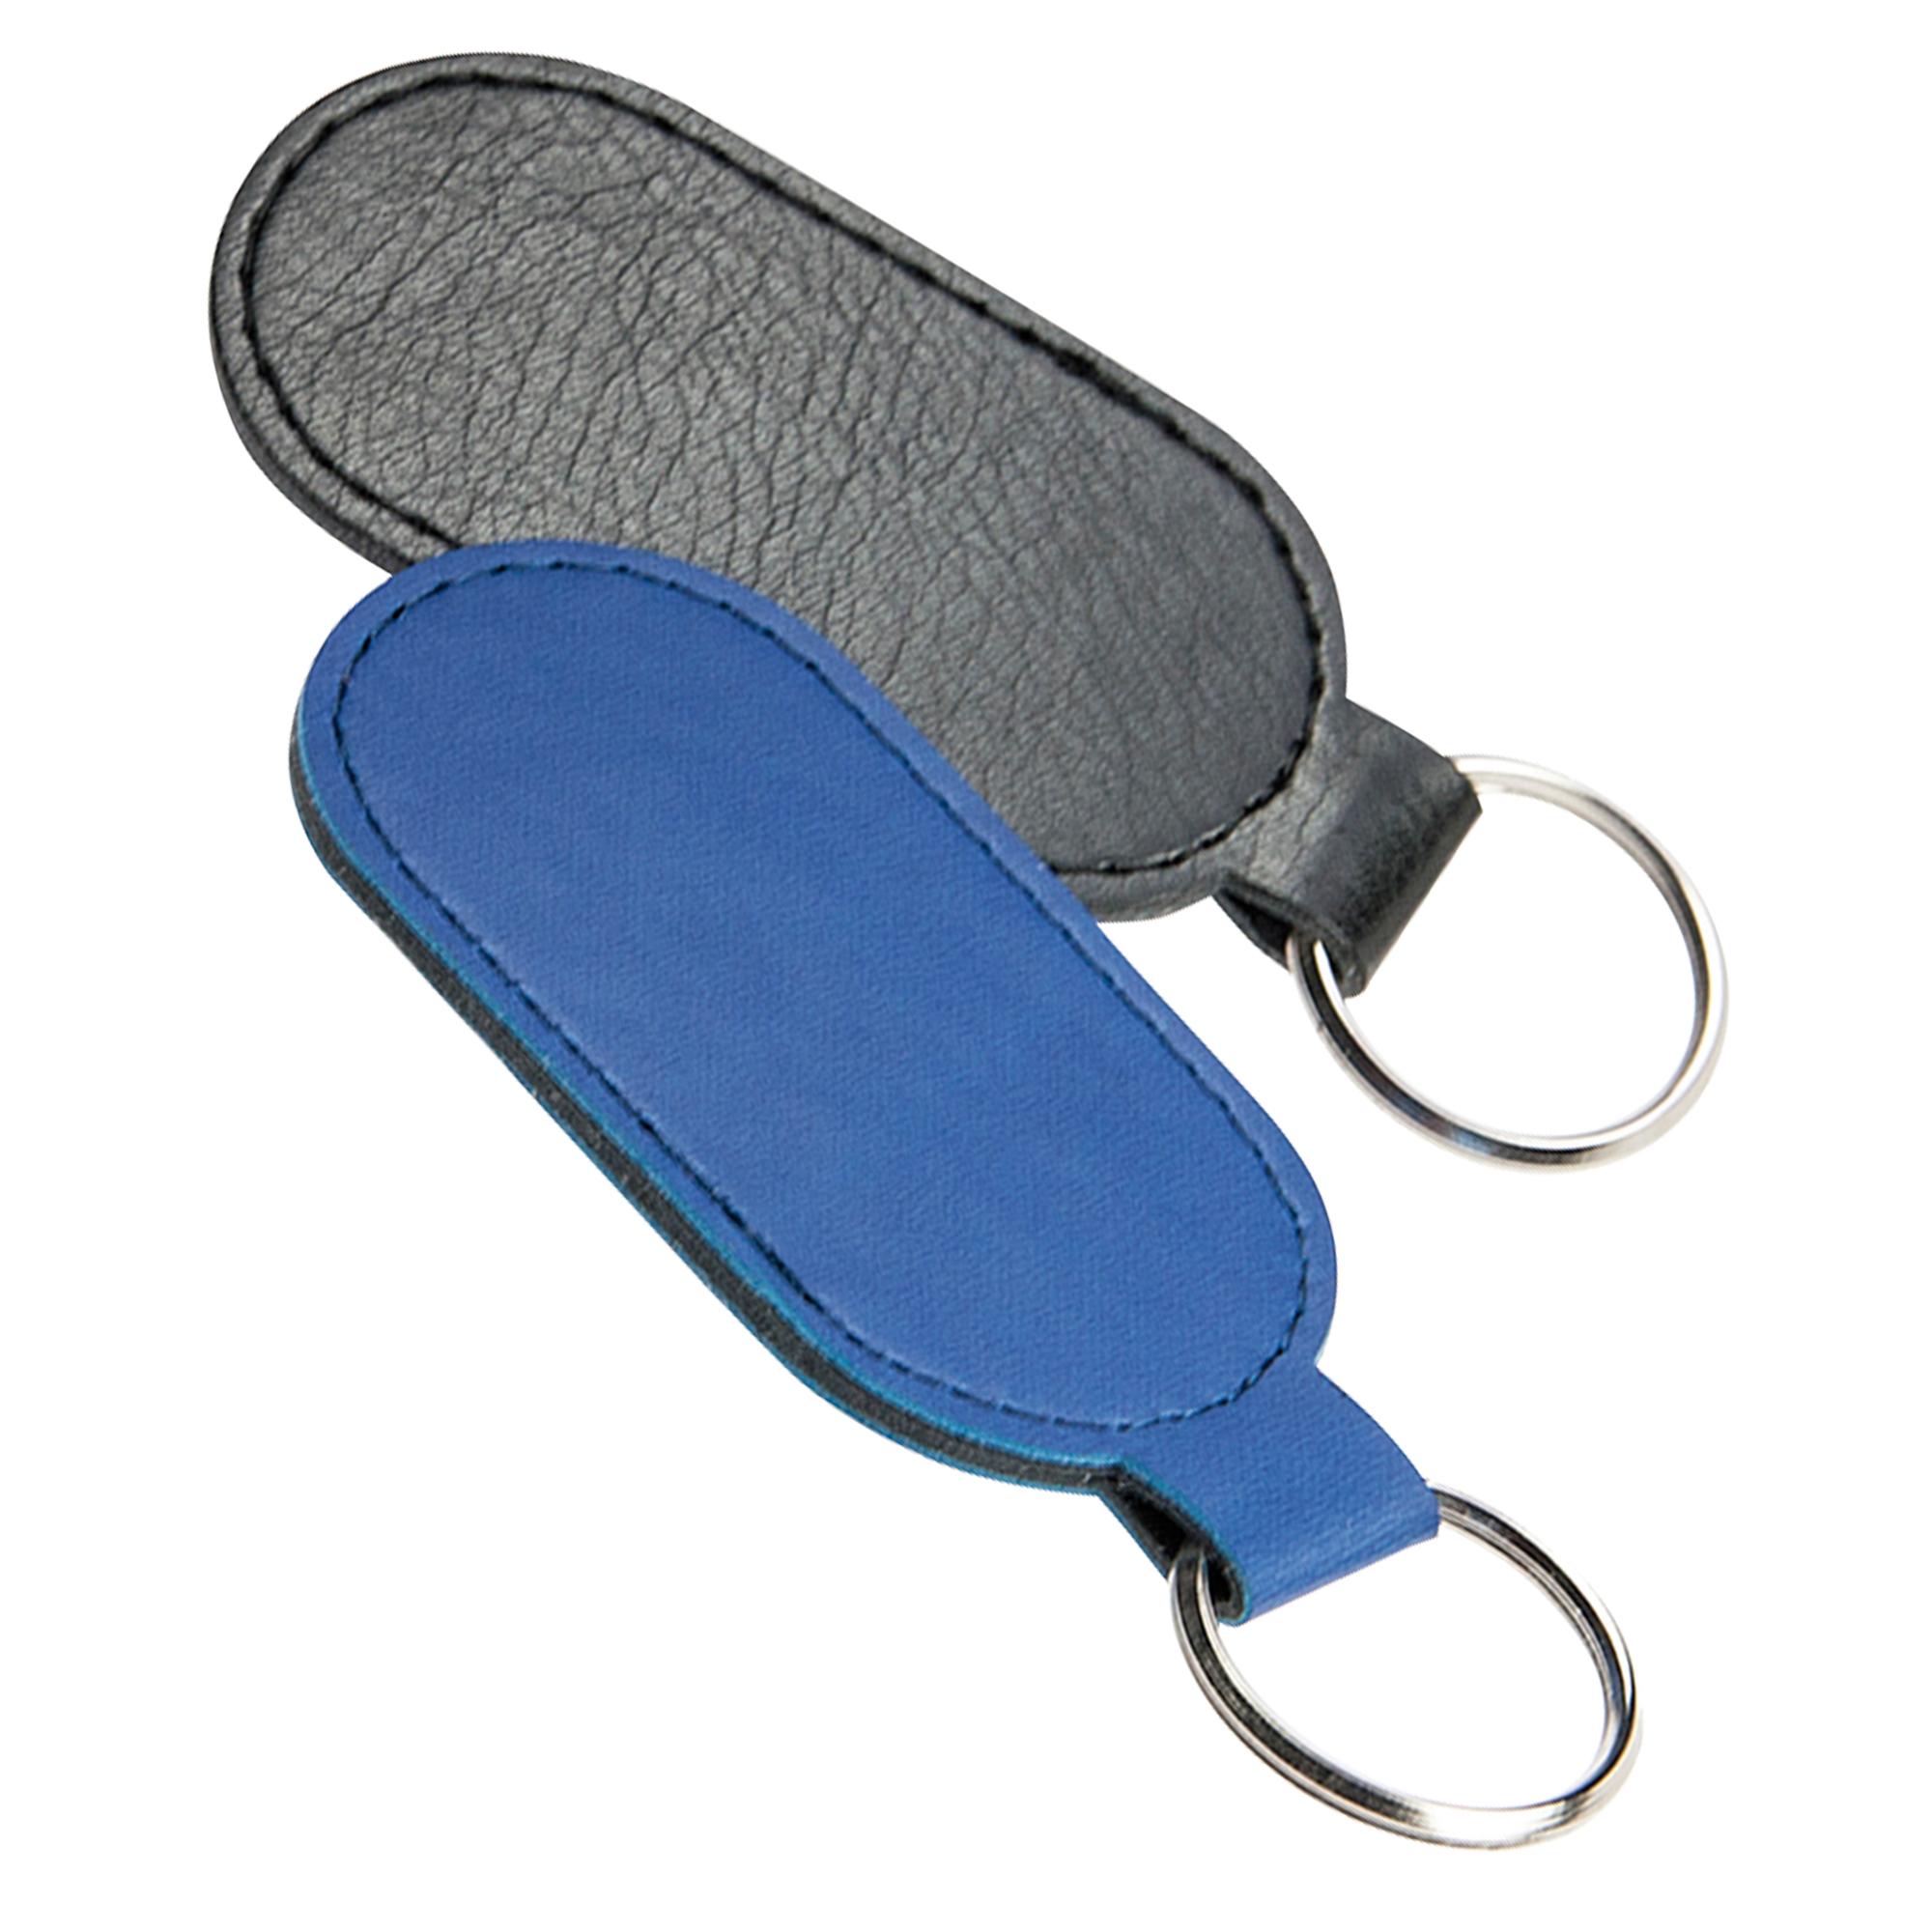 Schlüsselanhänger aus Kunststoff, oval